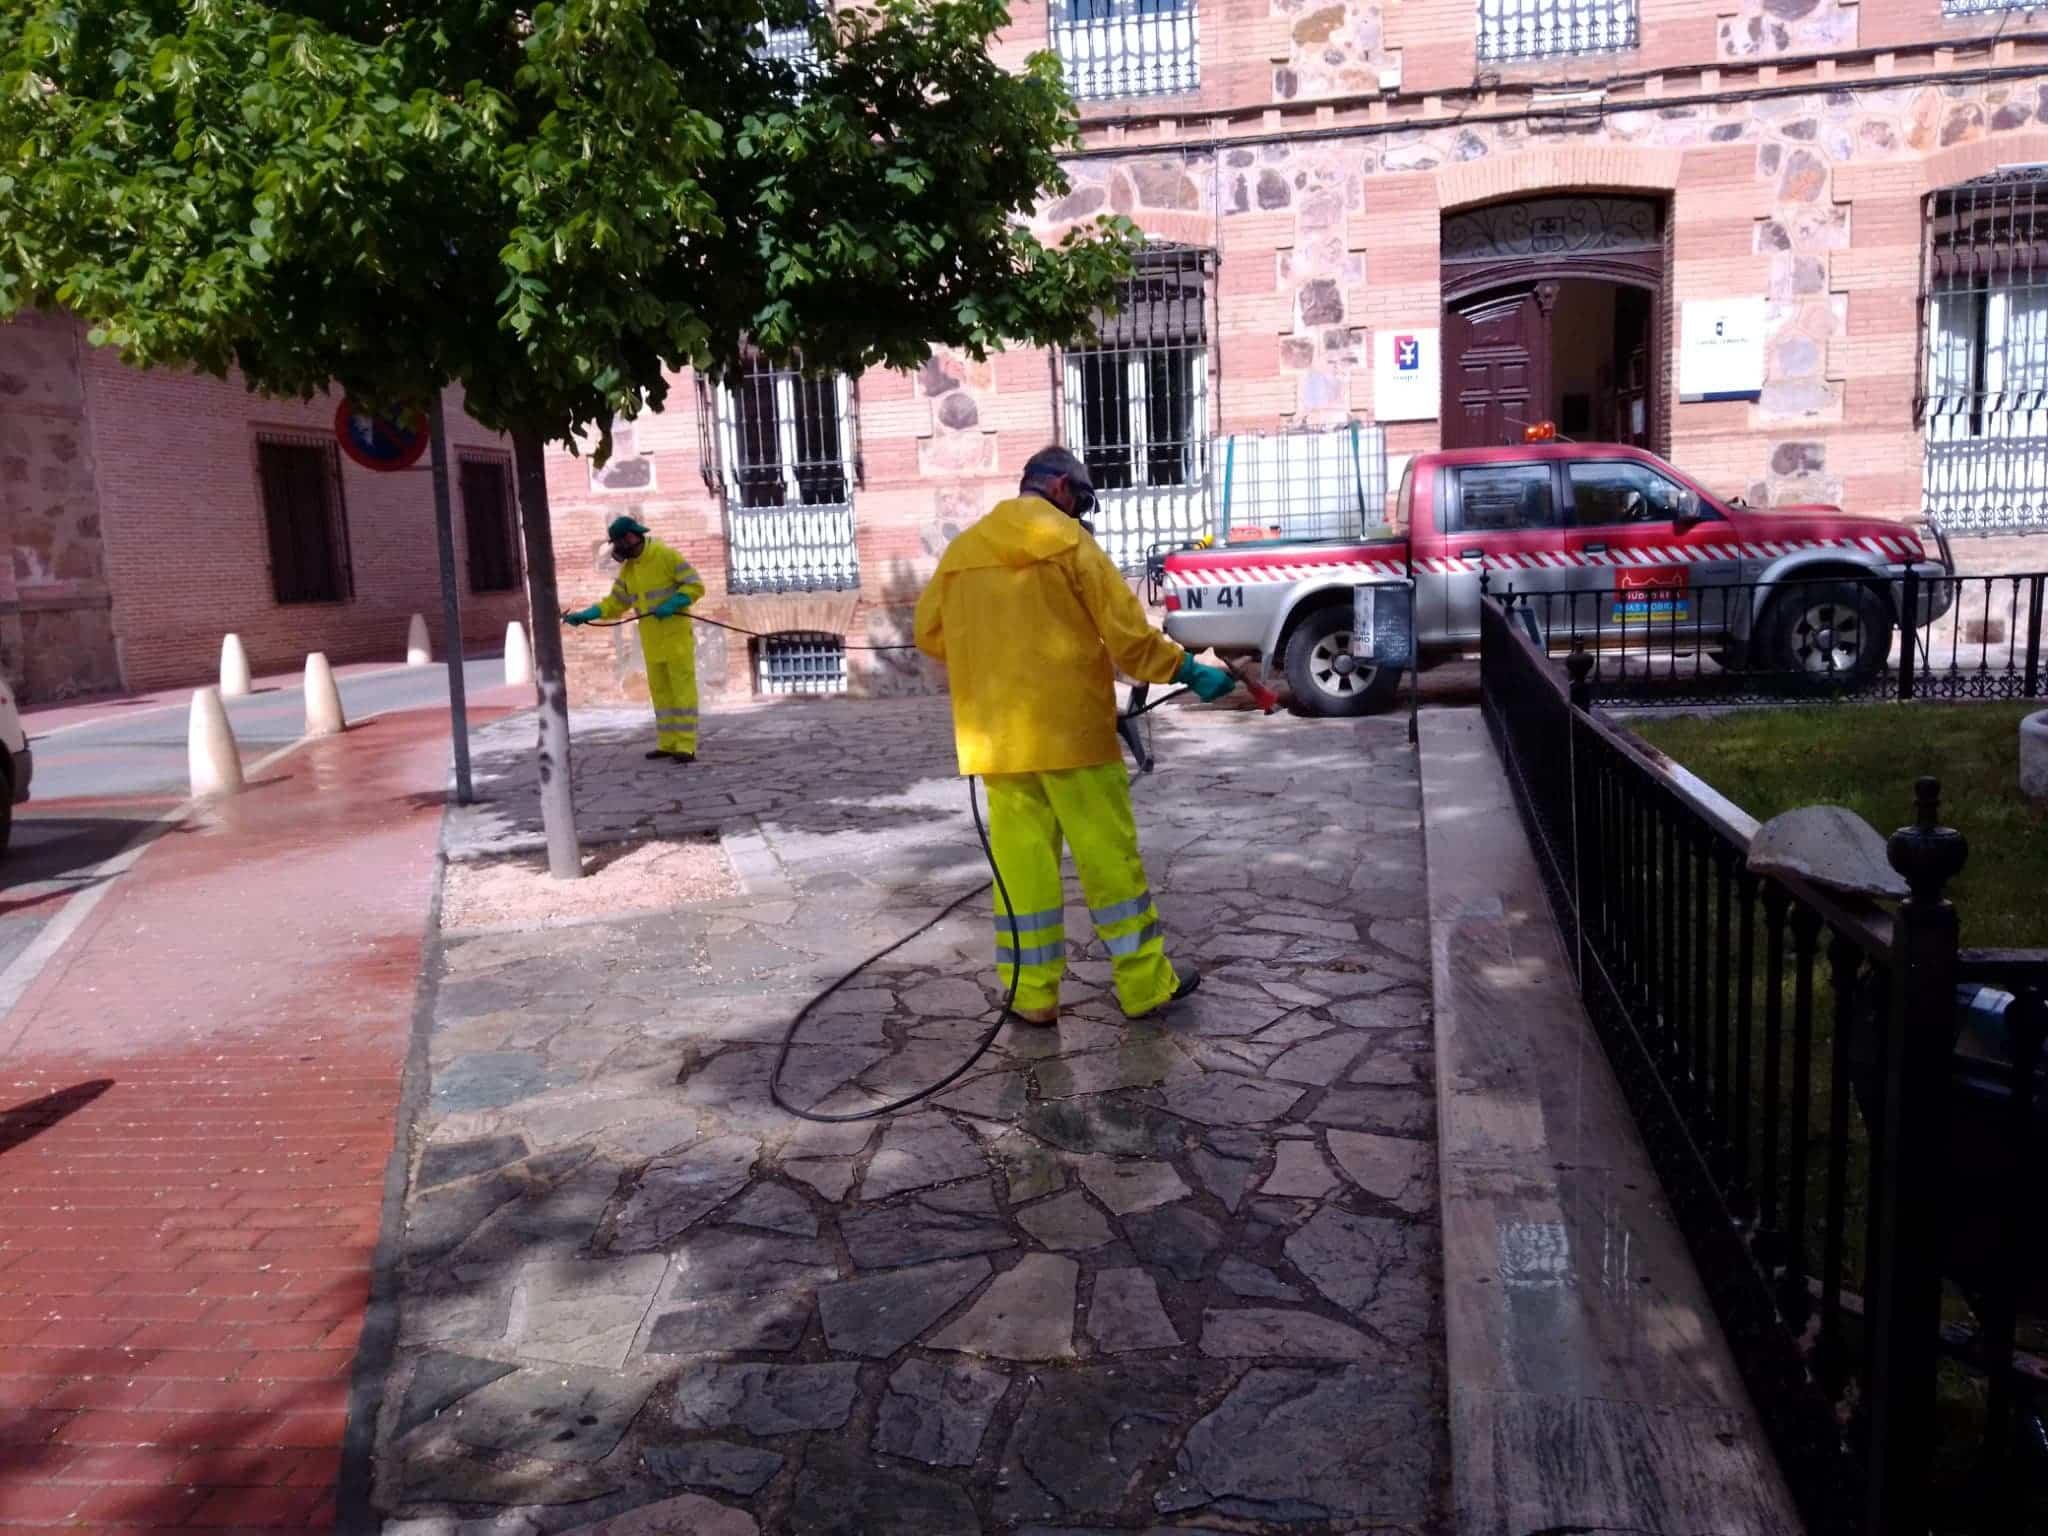 Continuan las labores de desinfección en la Plaza de España, Convento y Cervantes 10